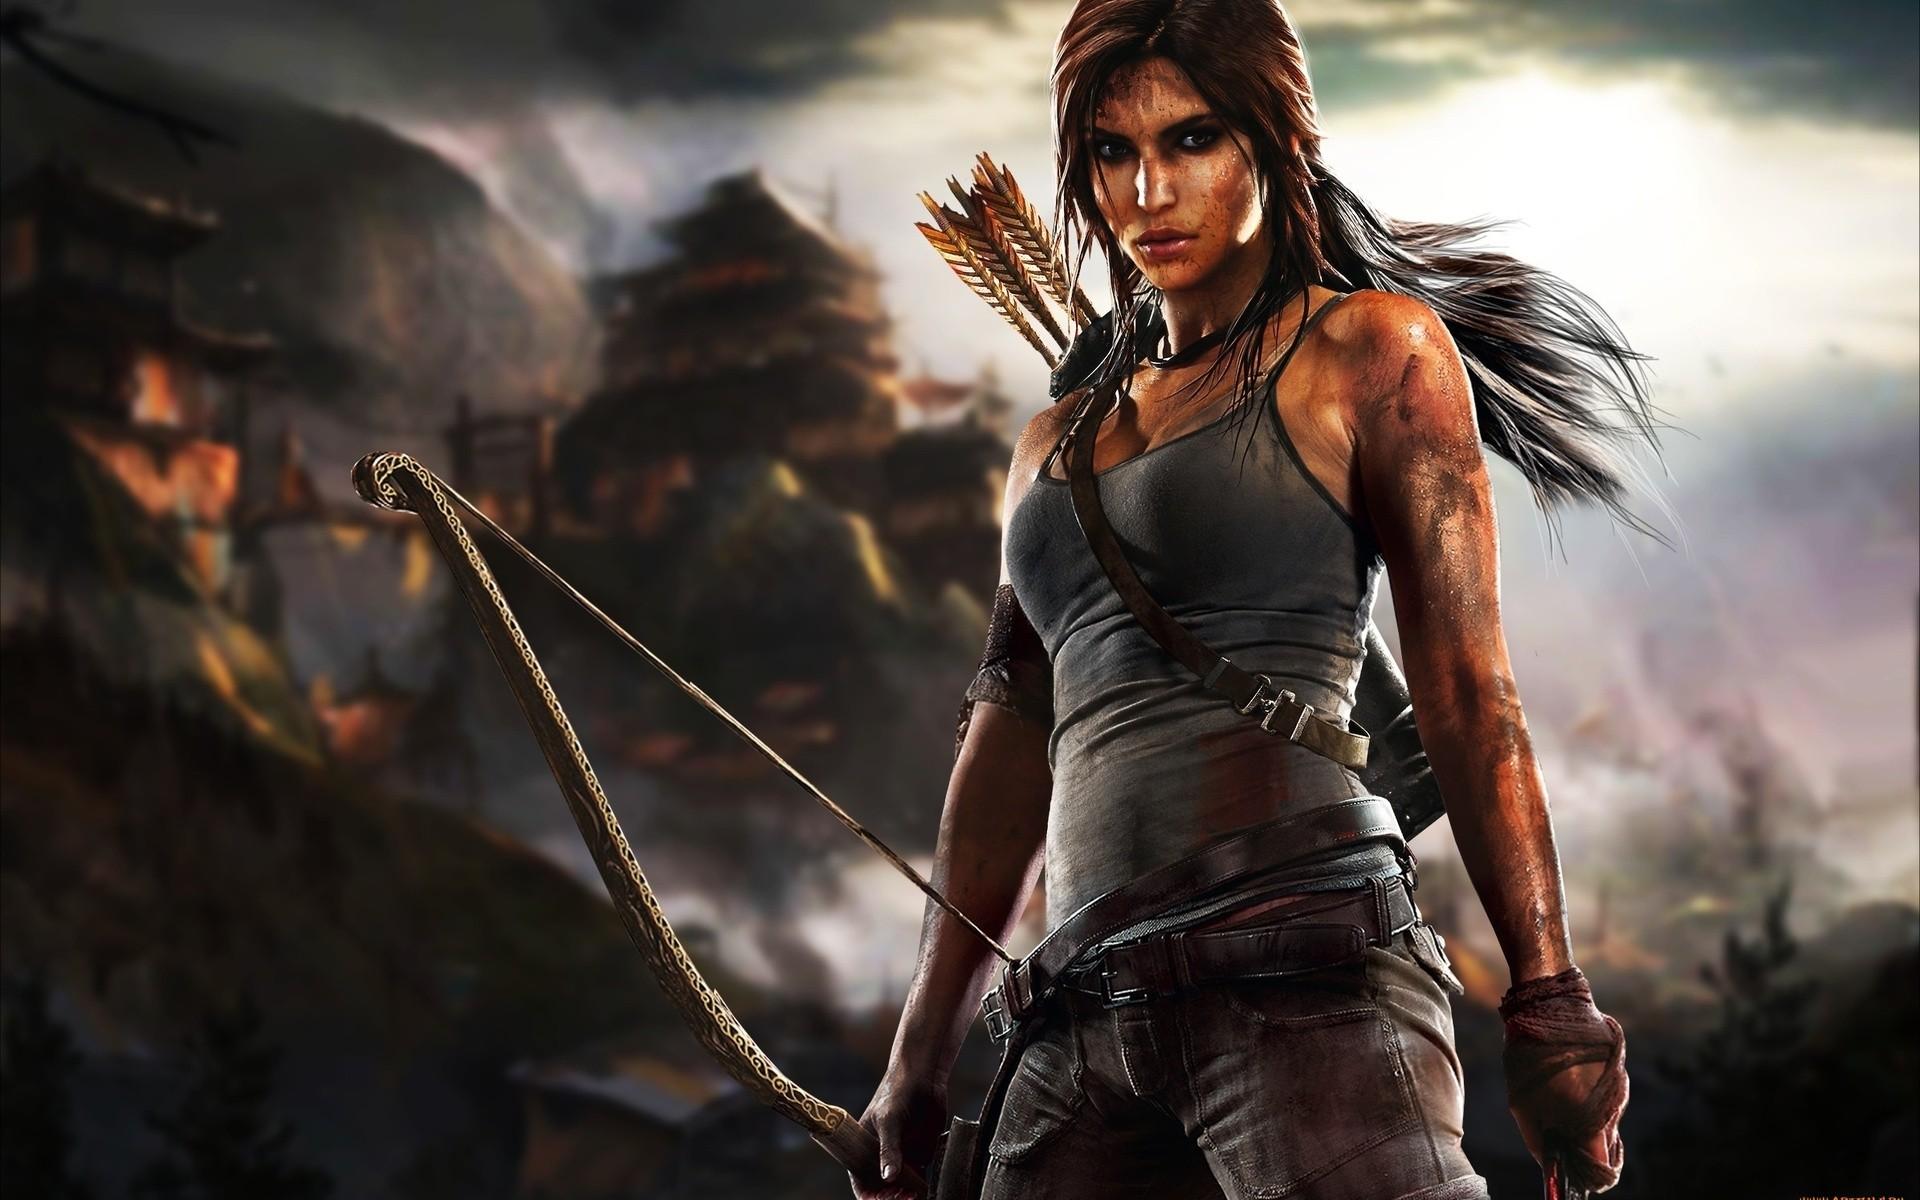 Free Download Lara Croft Tomb Raider Archery 61818 Hd Wallpaper